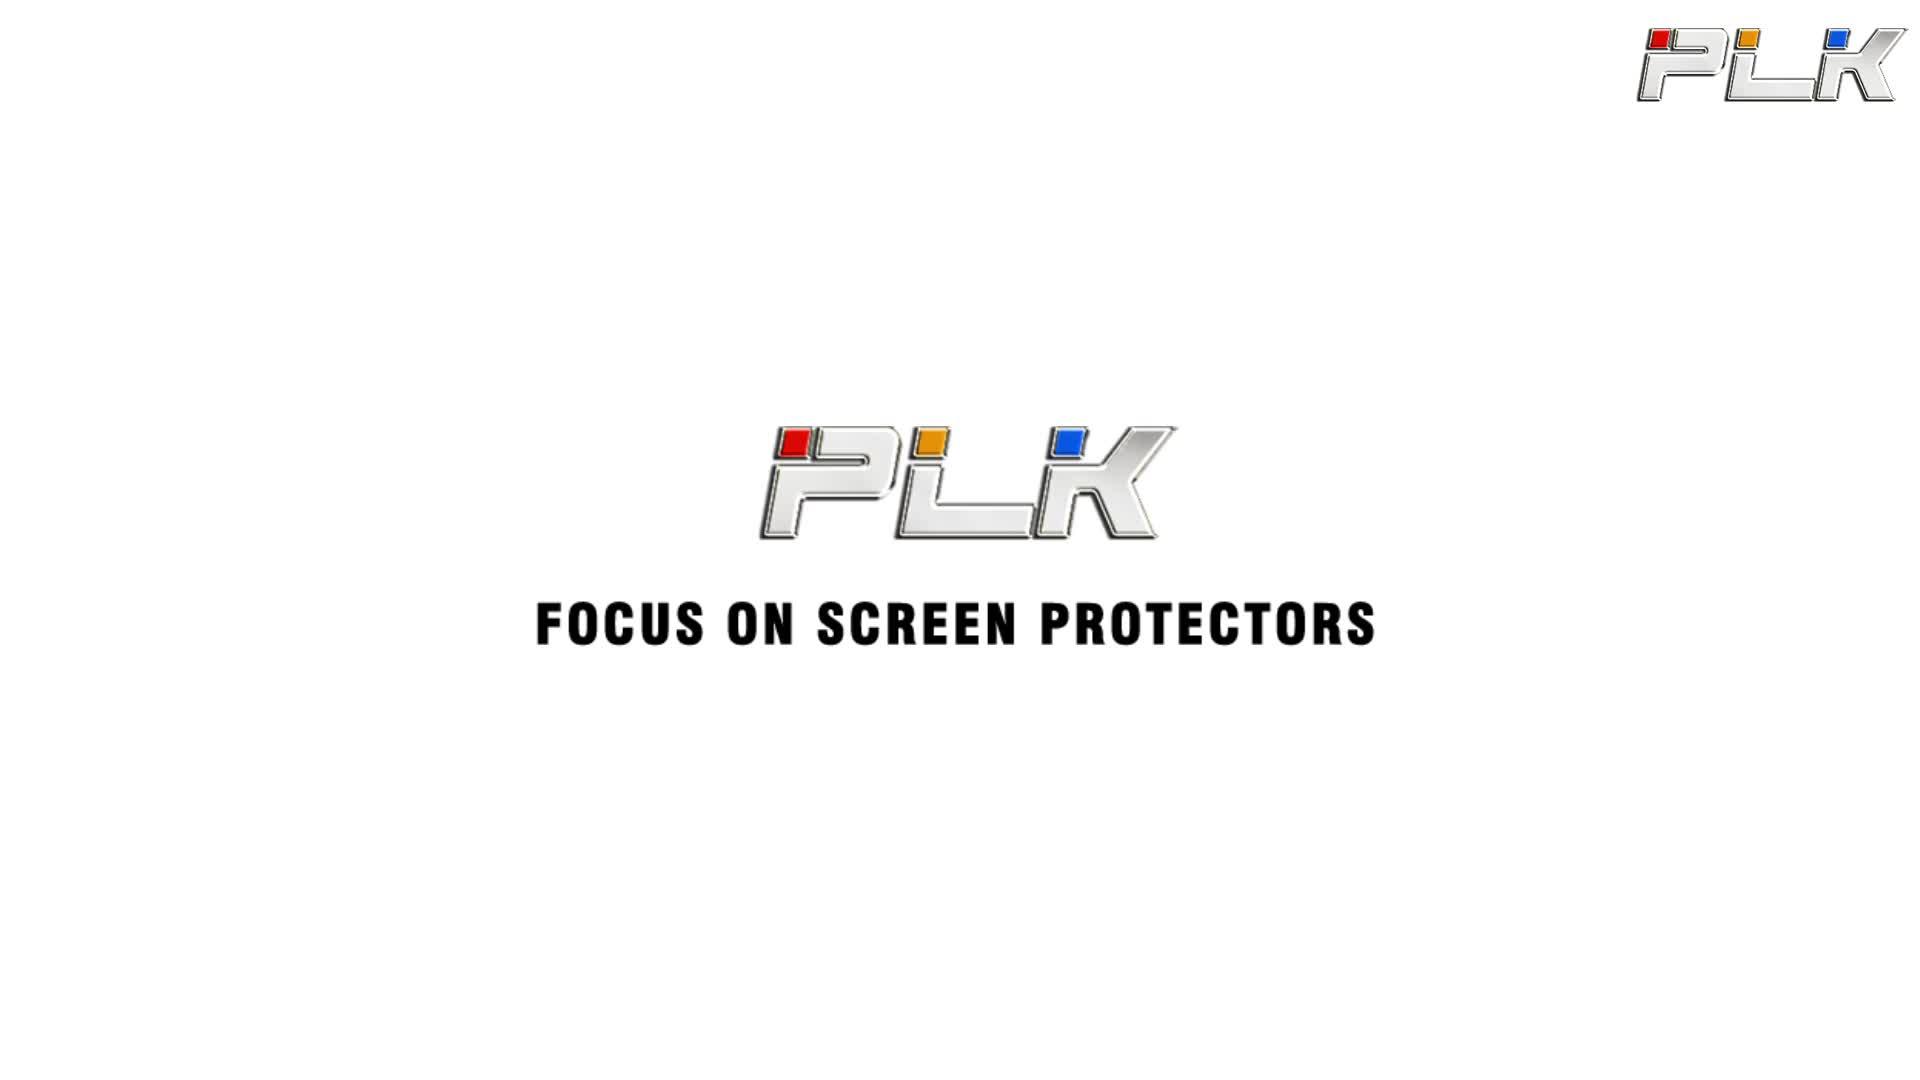 ผลิตขายส่ง Anti-spy Screen Protector สำหรับ 15.6 นิ้วแล็ปท็อปความเป็นส่วนตัว